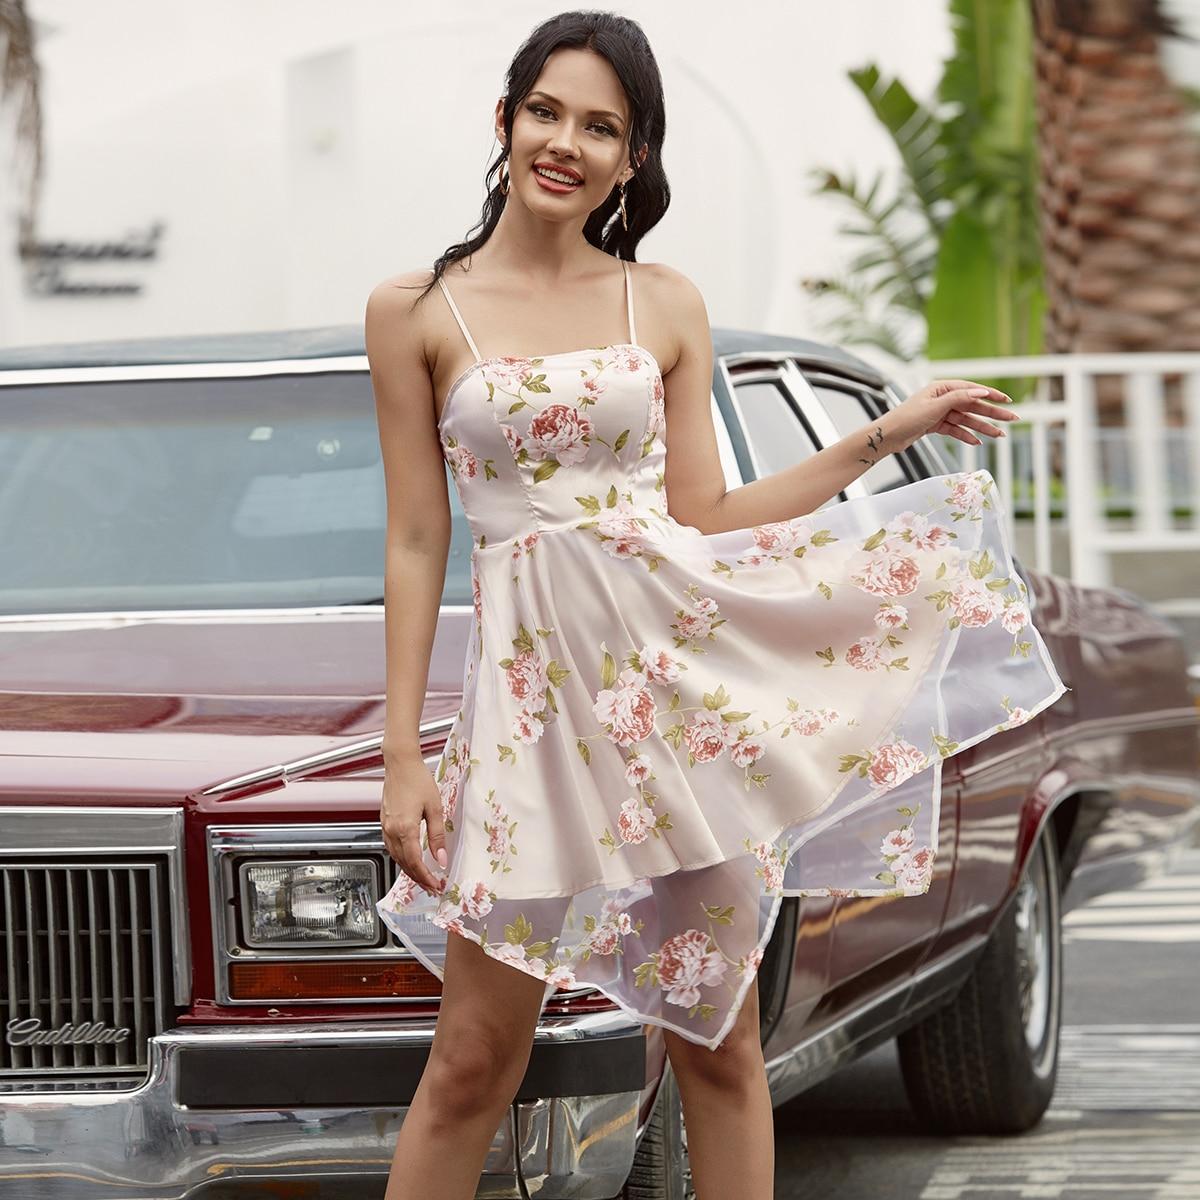 Double Crazy Платье на бретелях с цветочным принтом фото